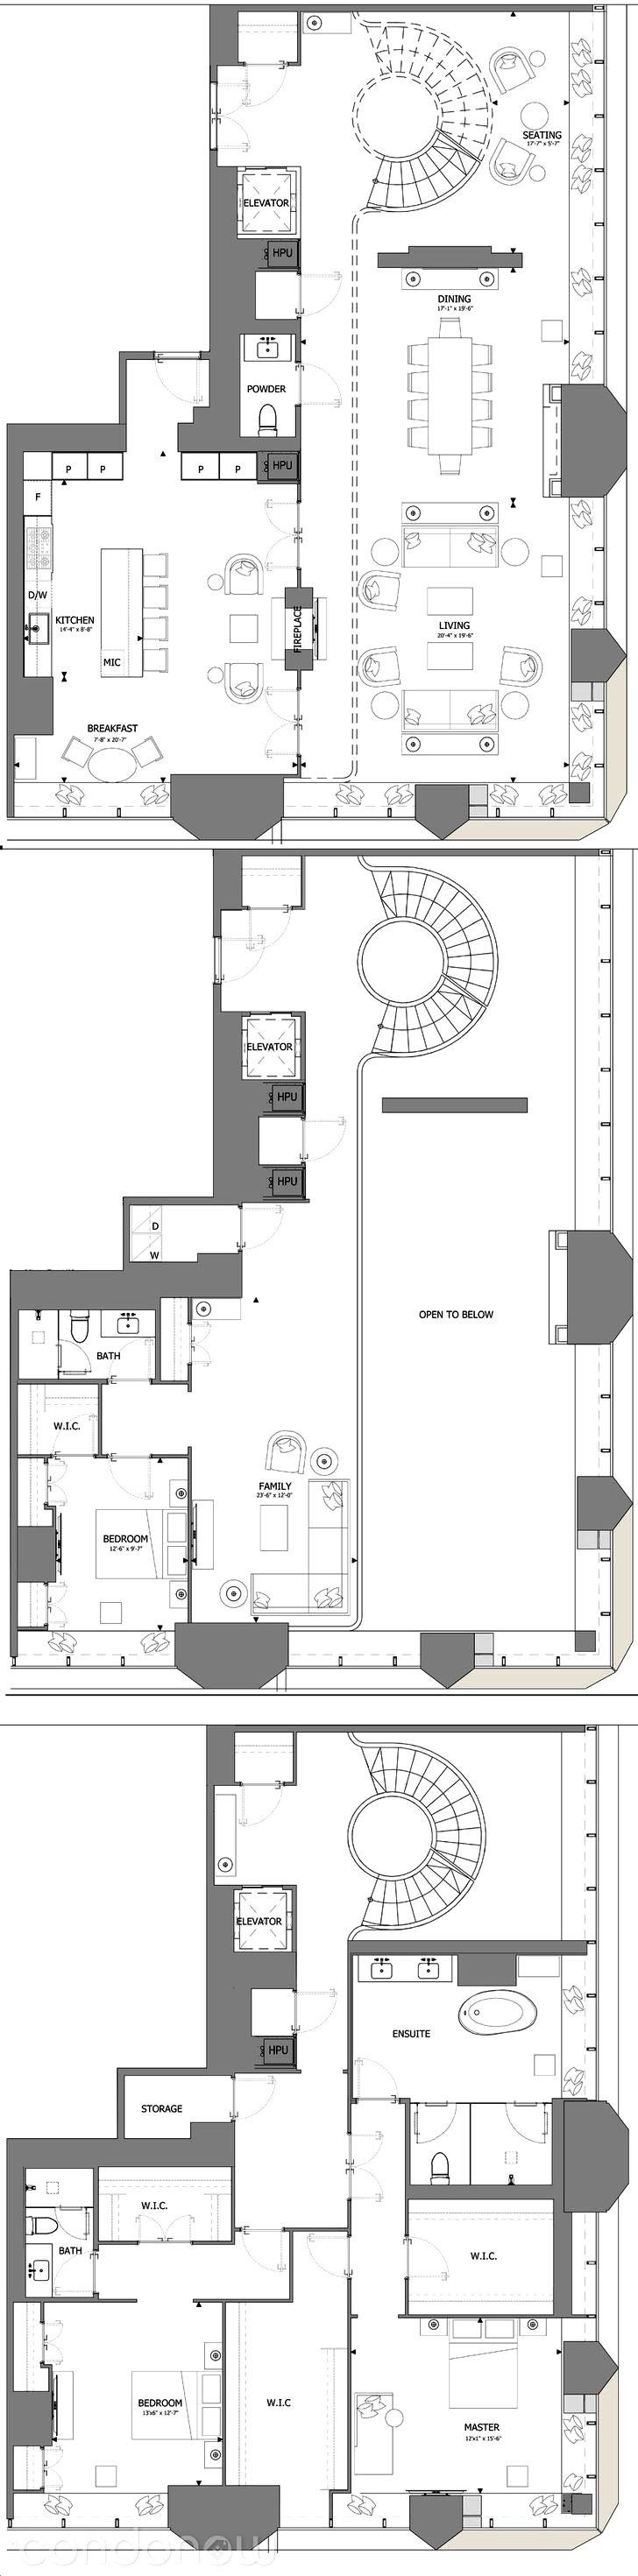 Penthouse Floor Plans Unique The E Condos By Mizrahi Penthouse Suites 03 Floorplan 3 Bed At Home Interior Hotel Floor Plan Modern Floor Plans Home Design Plans